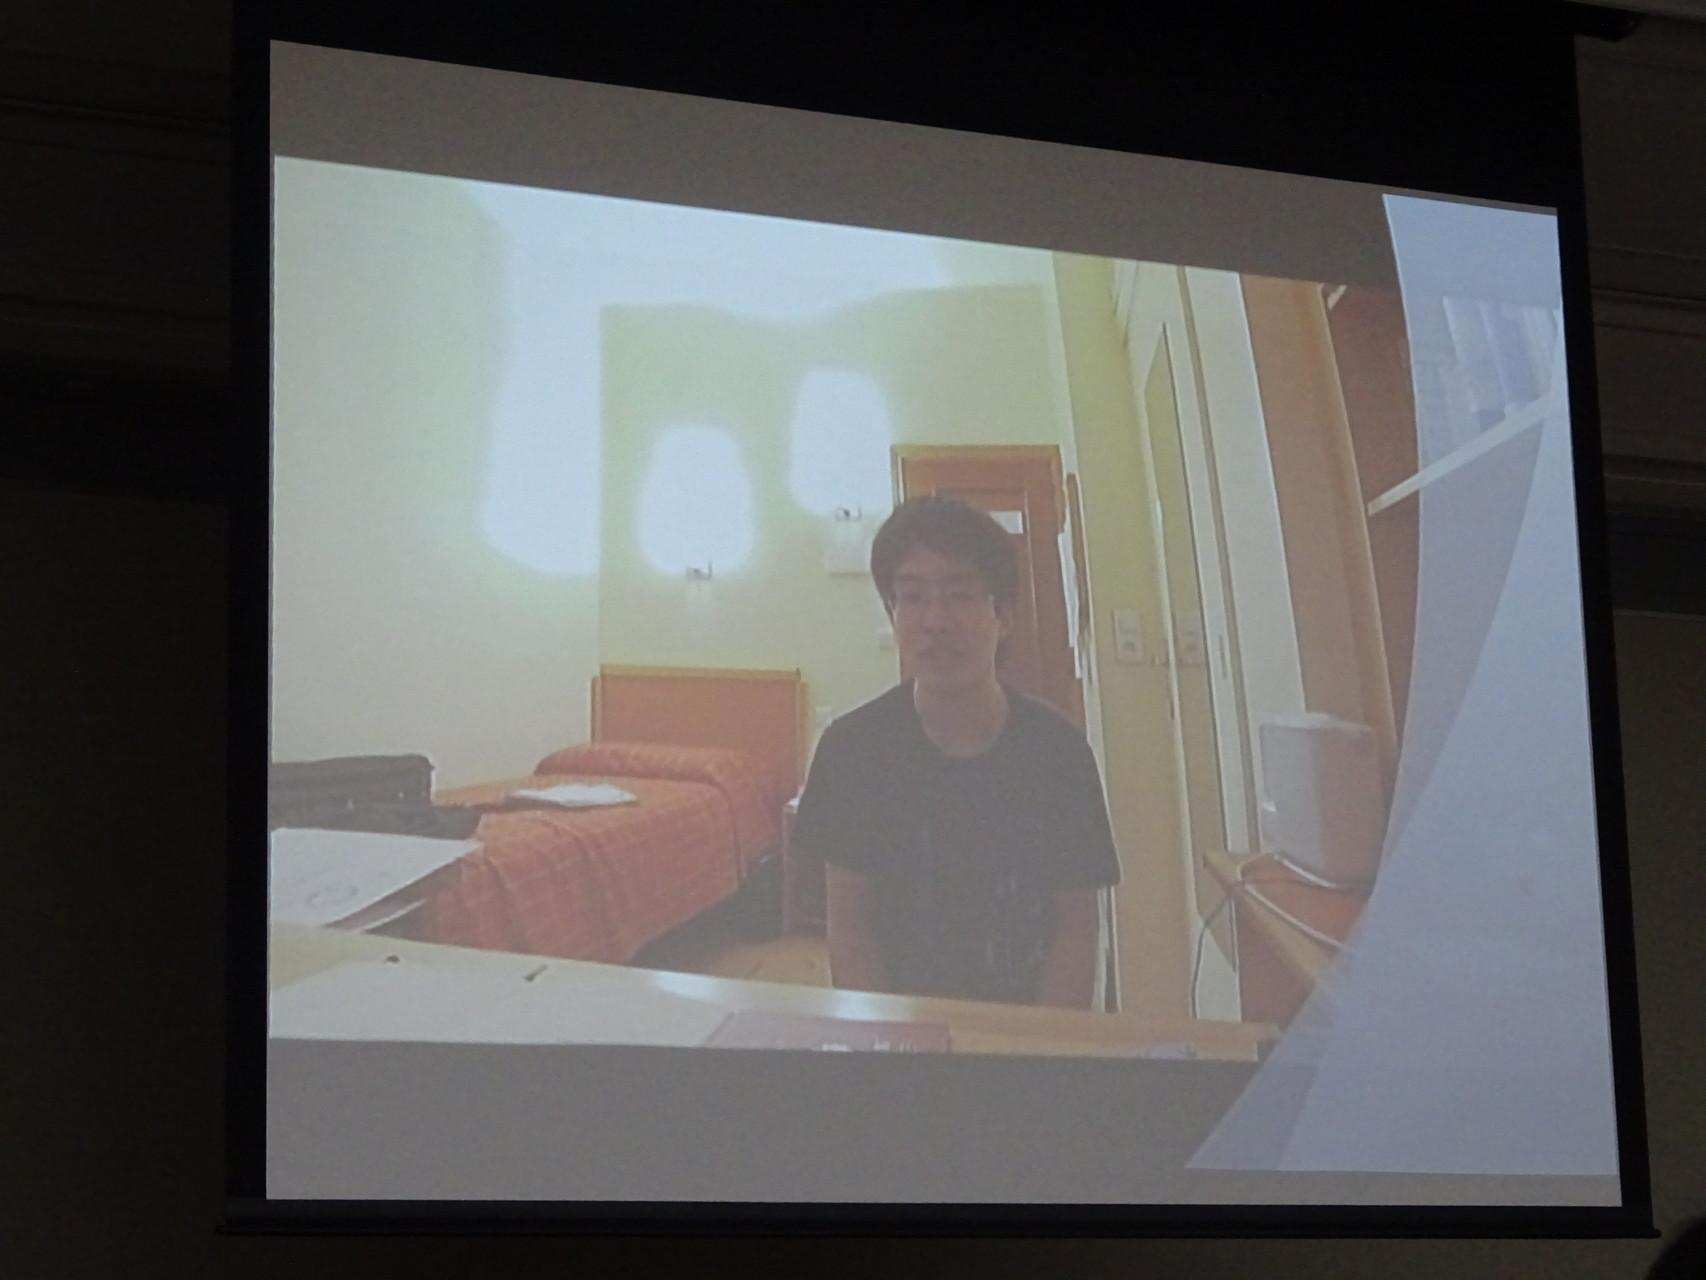 パリ留学中の団友からビデオレターも届きました。